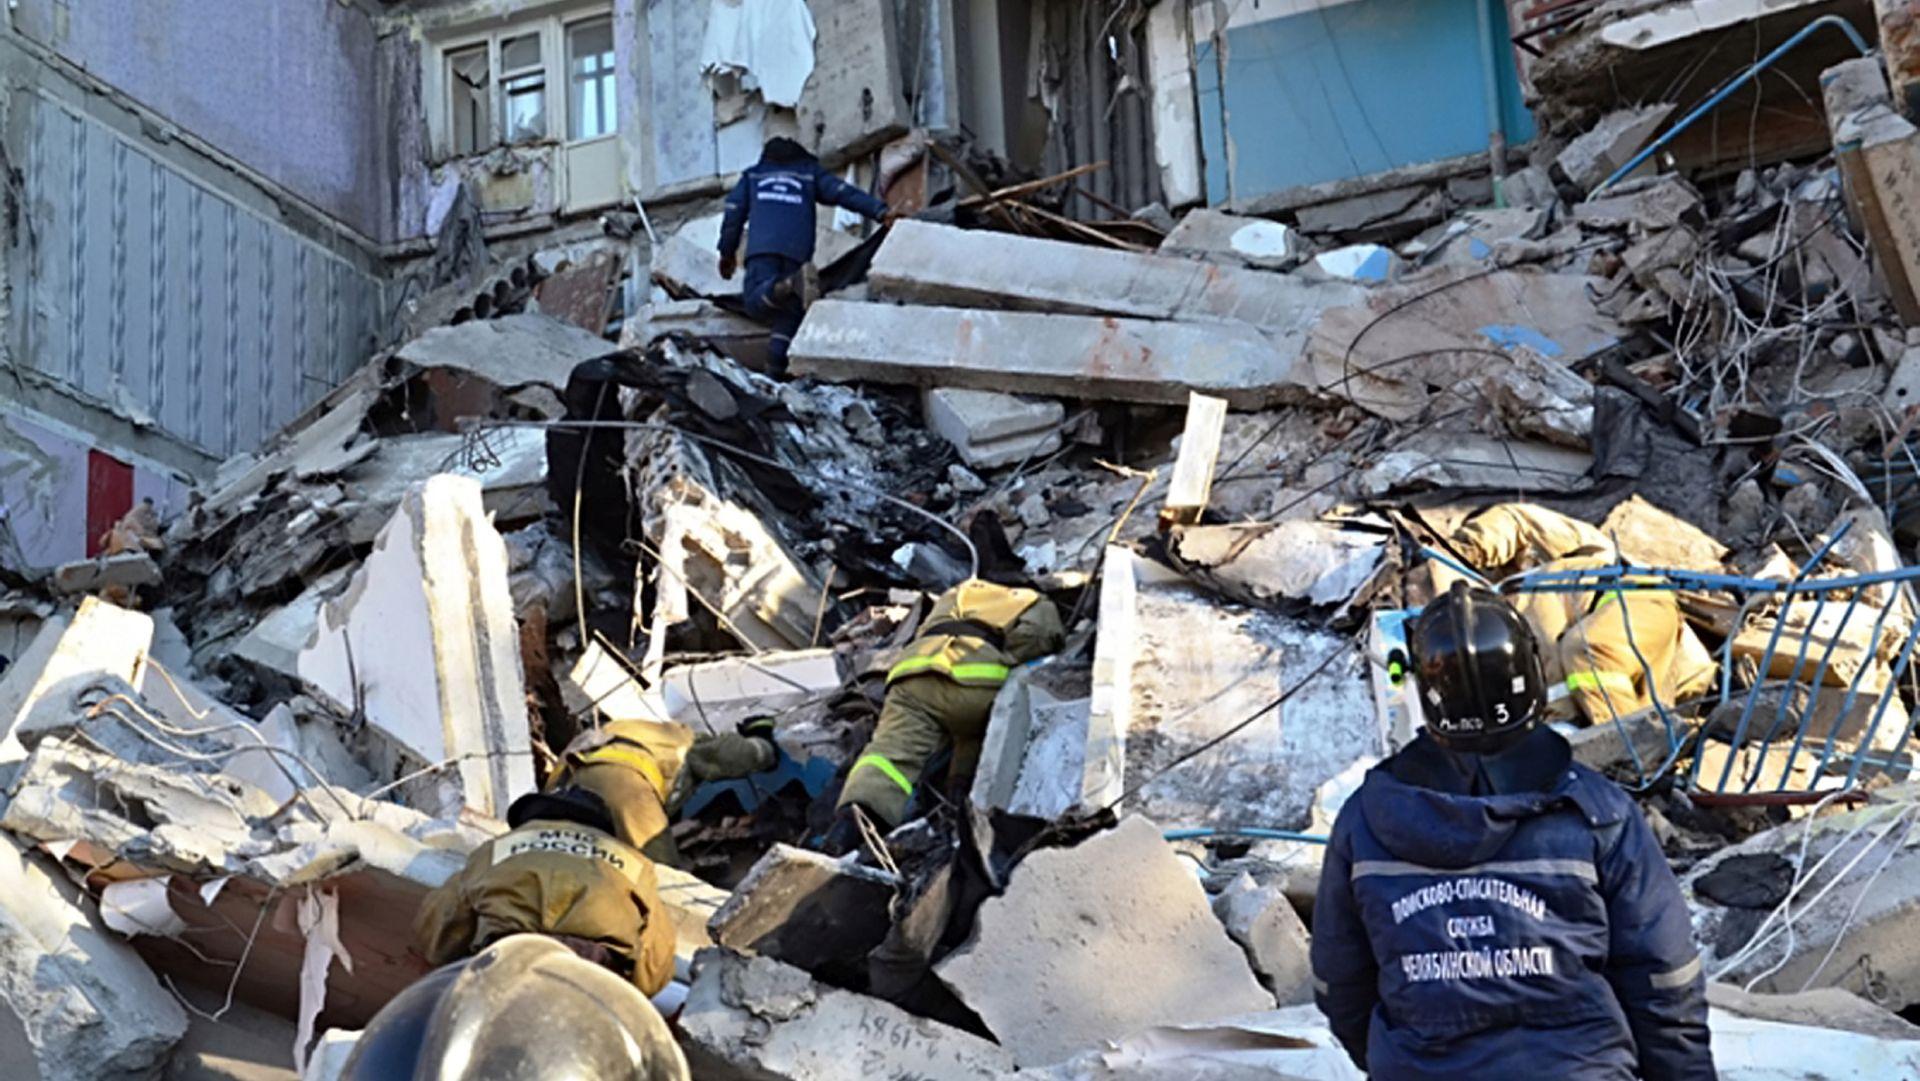 11-mjesečni dječak pronađen živ pod ruševinama u Rusiji nakon 35 sati